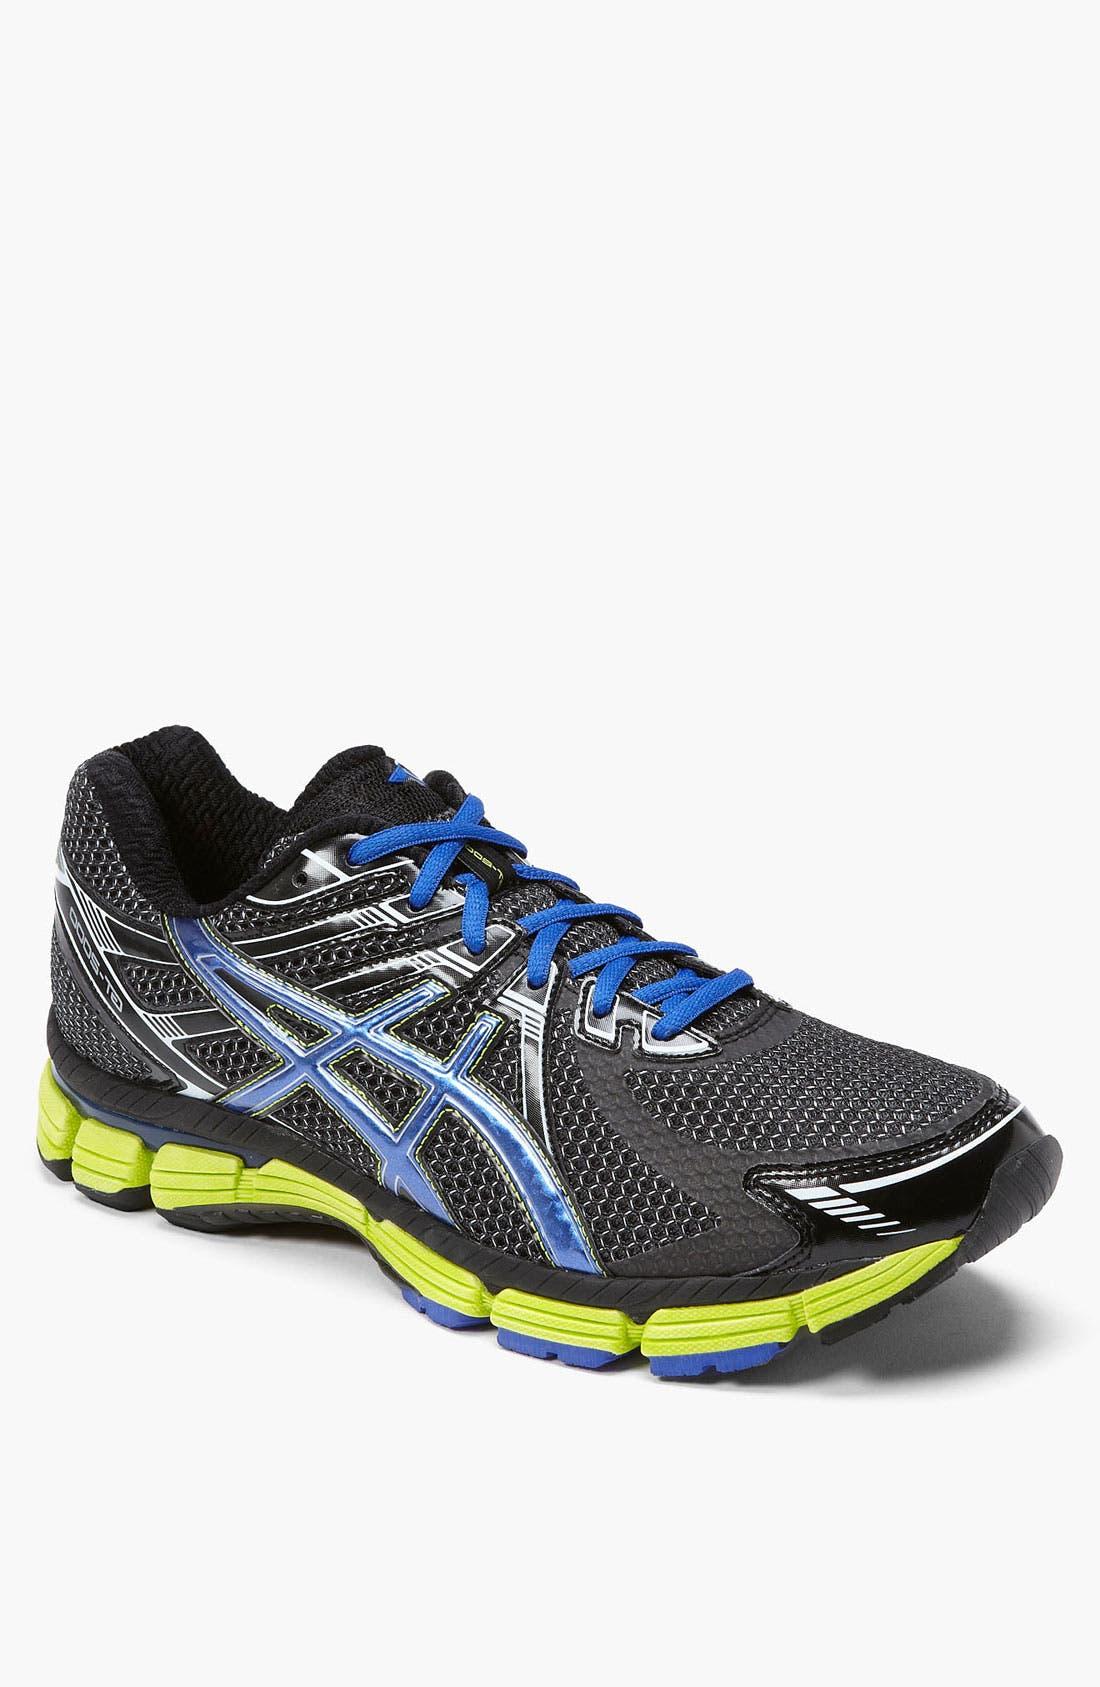 Alternate Image 1 Selected - ASICS® 'GT 2000' Running Shoe (Men)